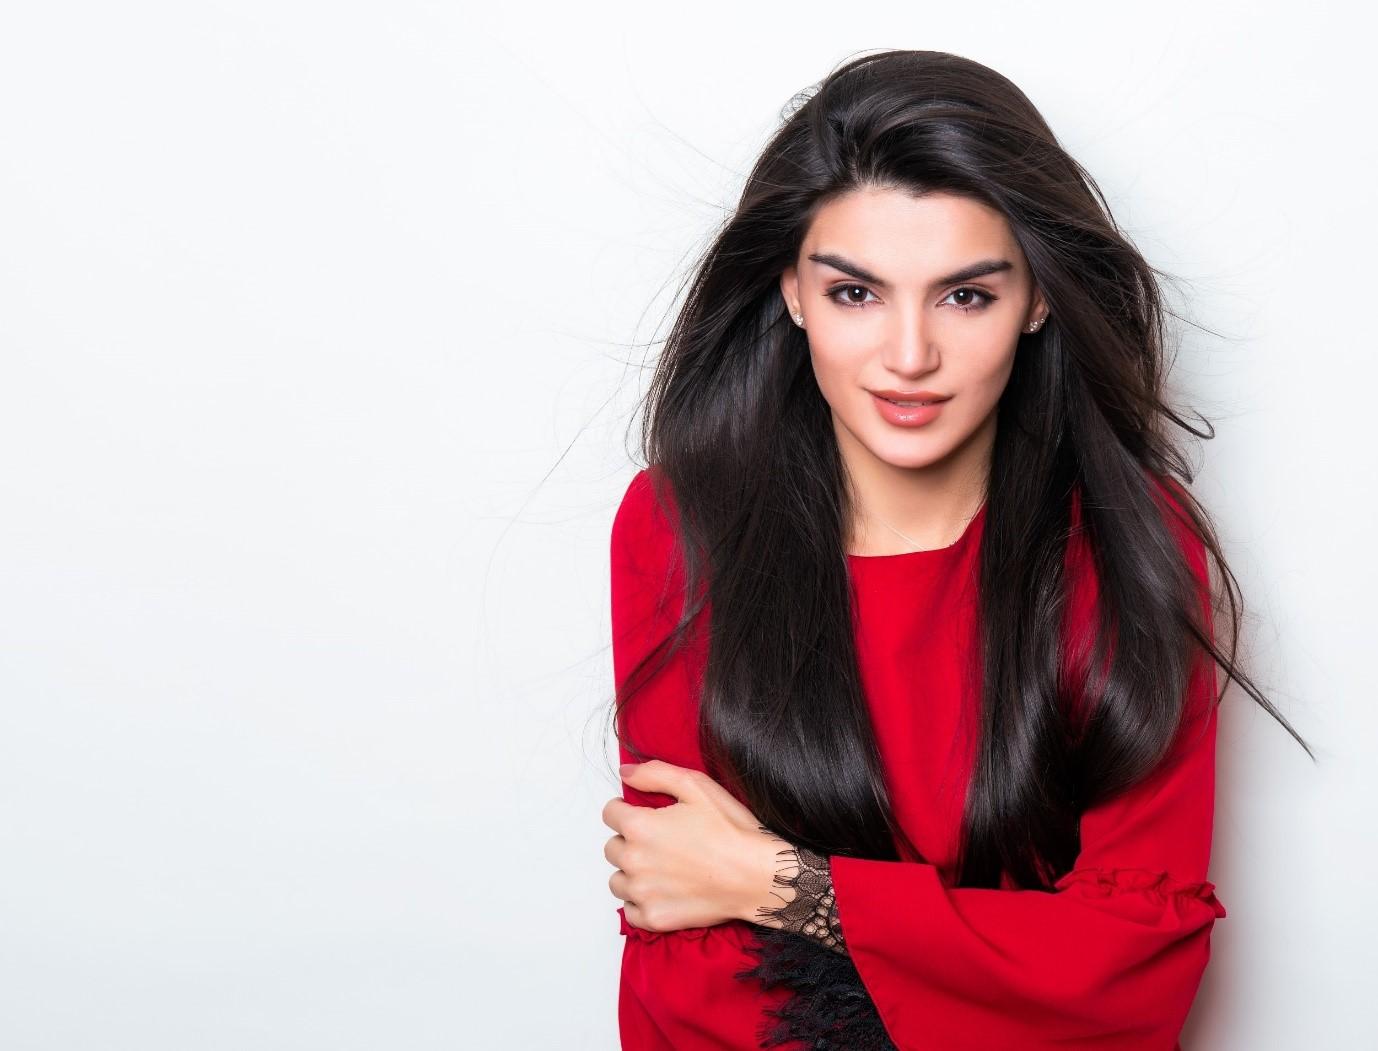 Muốn có mái tóc dài đẹp, chắc khỏe cần phải có giải pháp chuyên biệt, dành riêng cho nam và nữ.